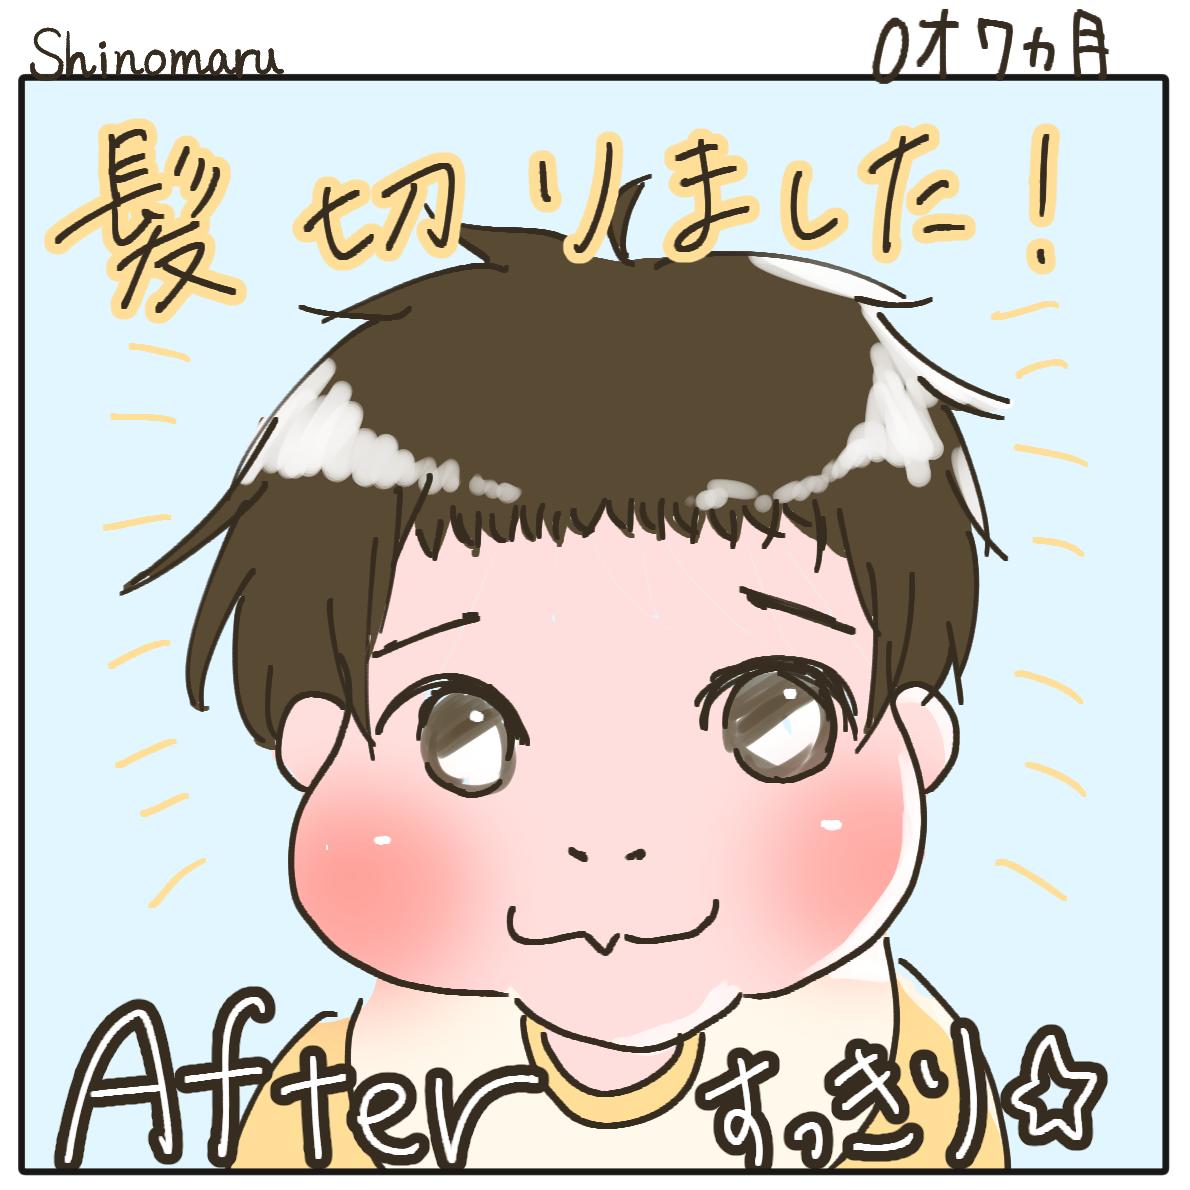 f:id:Shinomaru:20210614210655p:plain